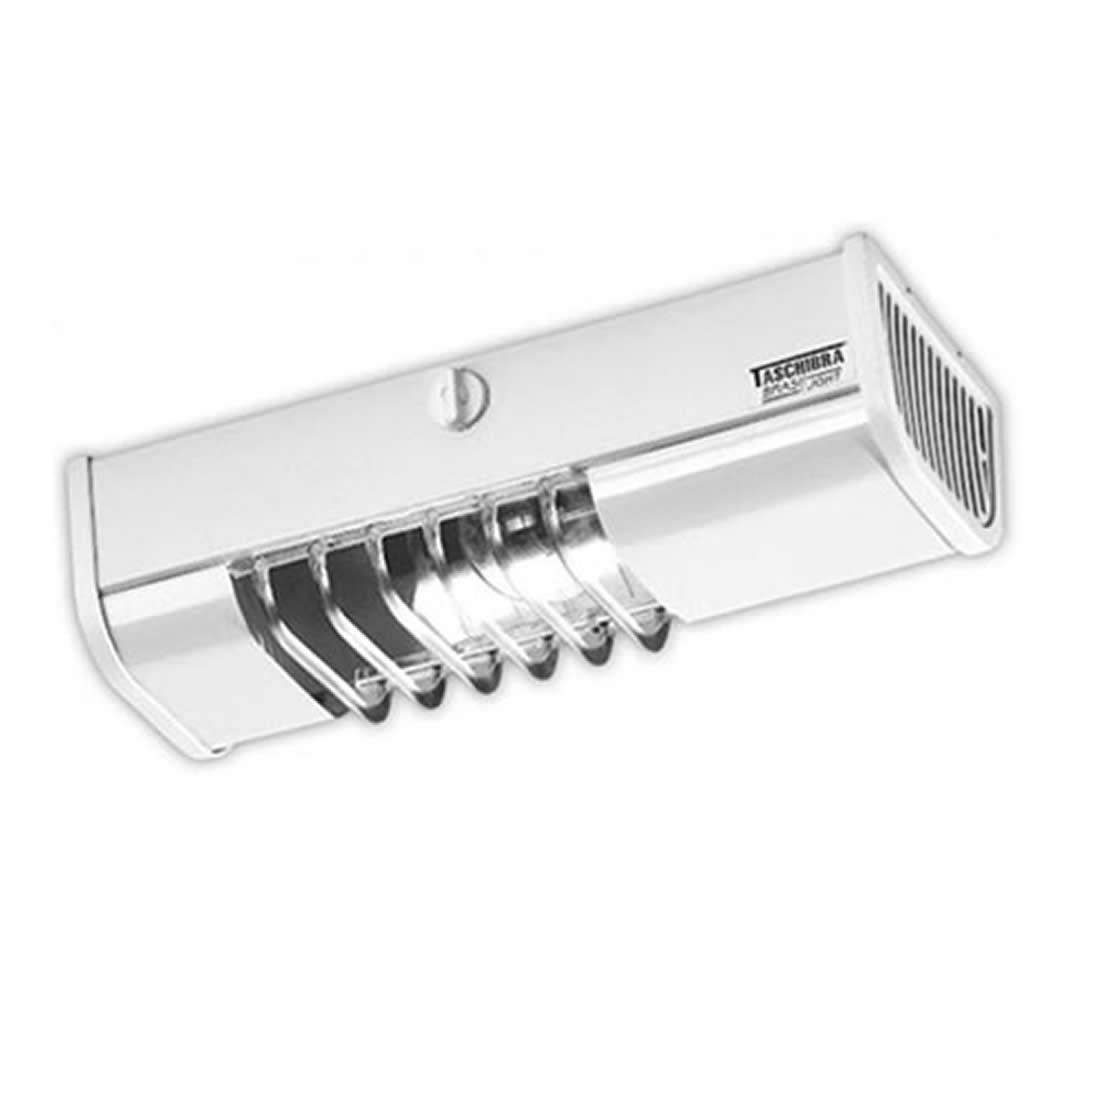 Luminária Taschibra Compacta Branca TA 6 Soquete E-27